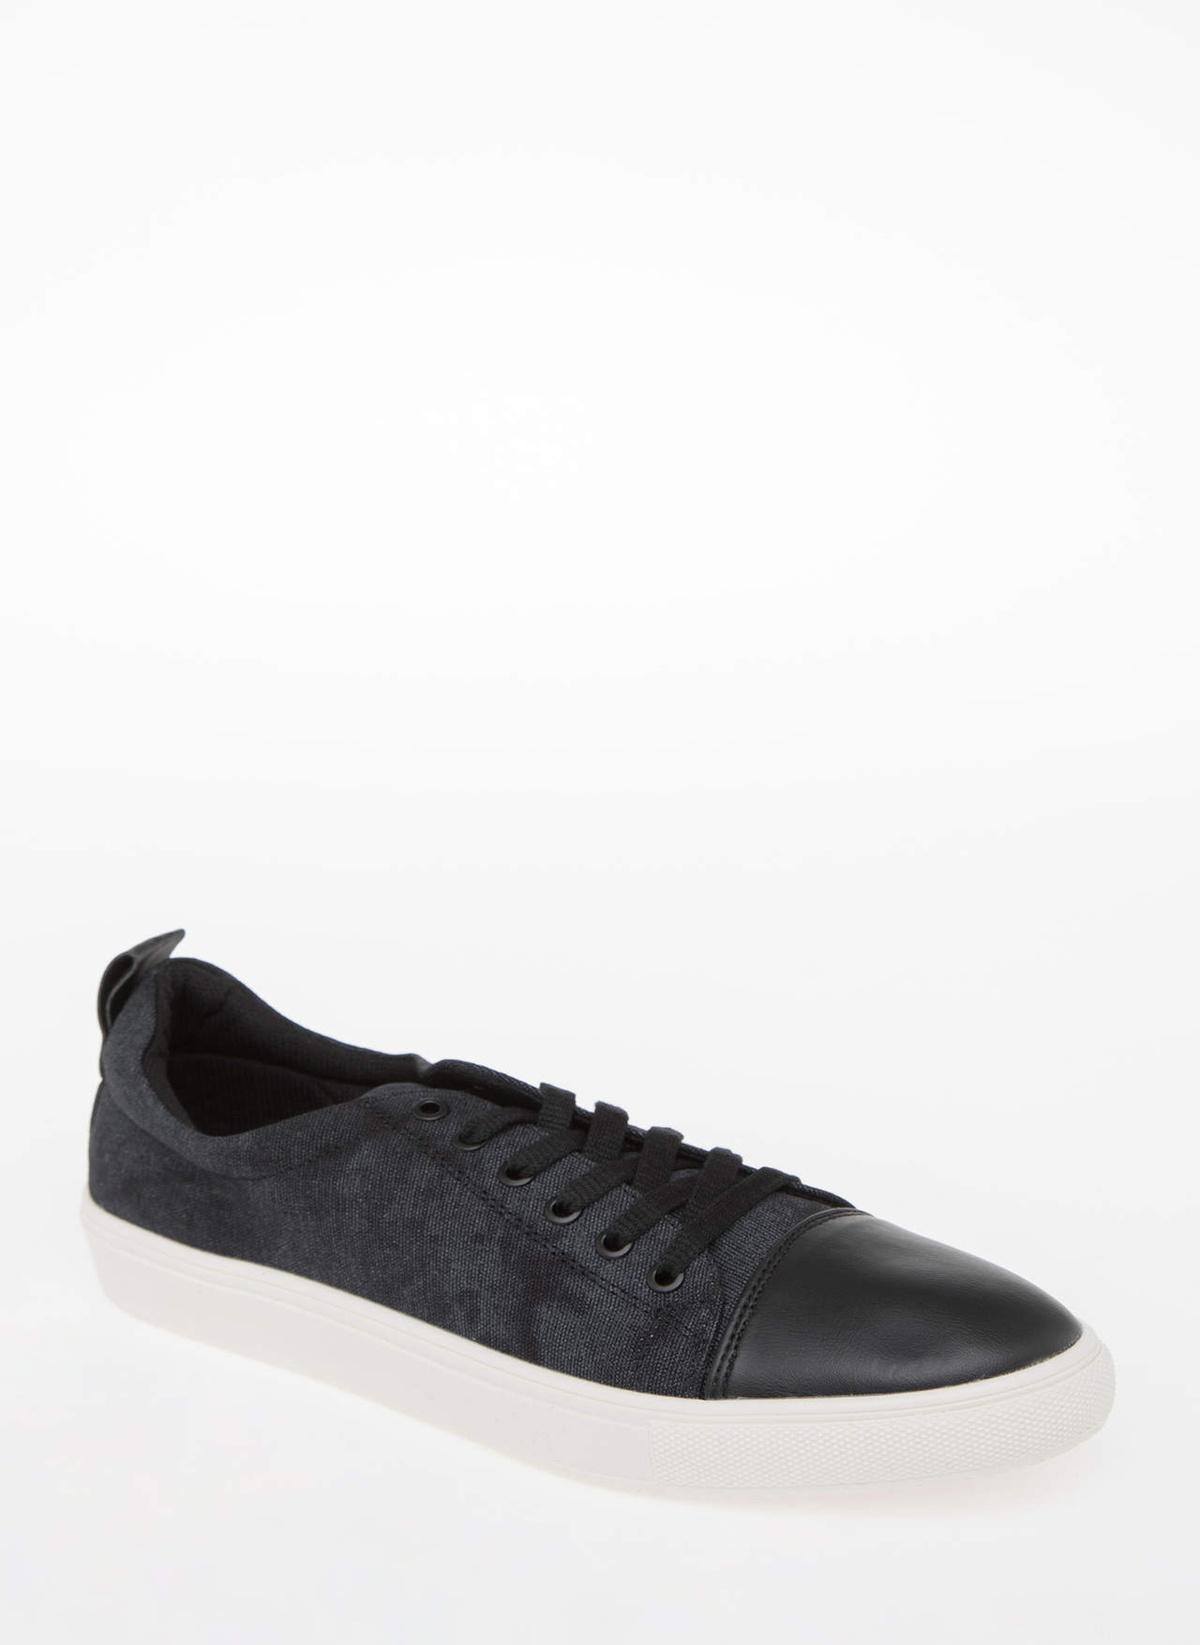 Defacto Sneakers K5438az19spar1 Lifestyle Ayakkabı – 49.99 TL